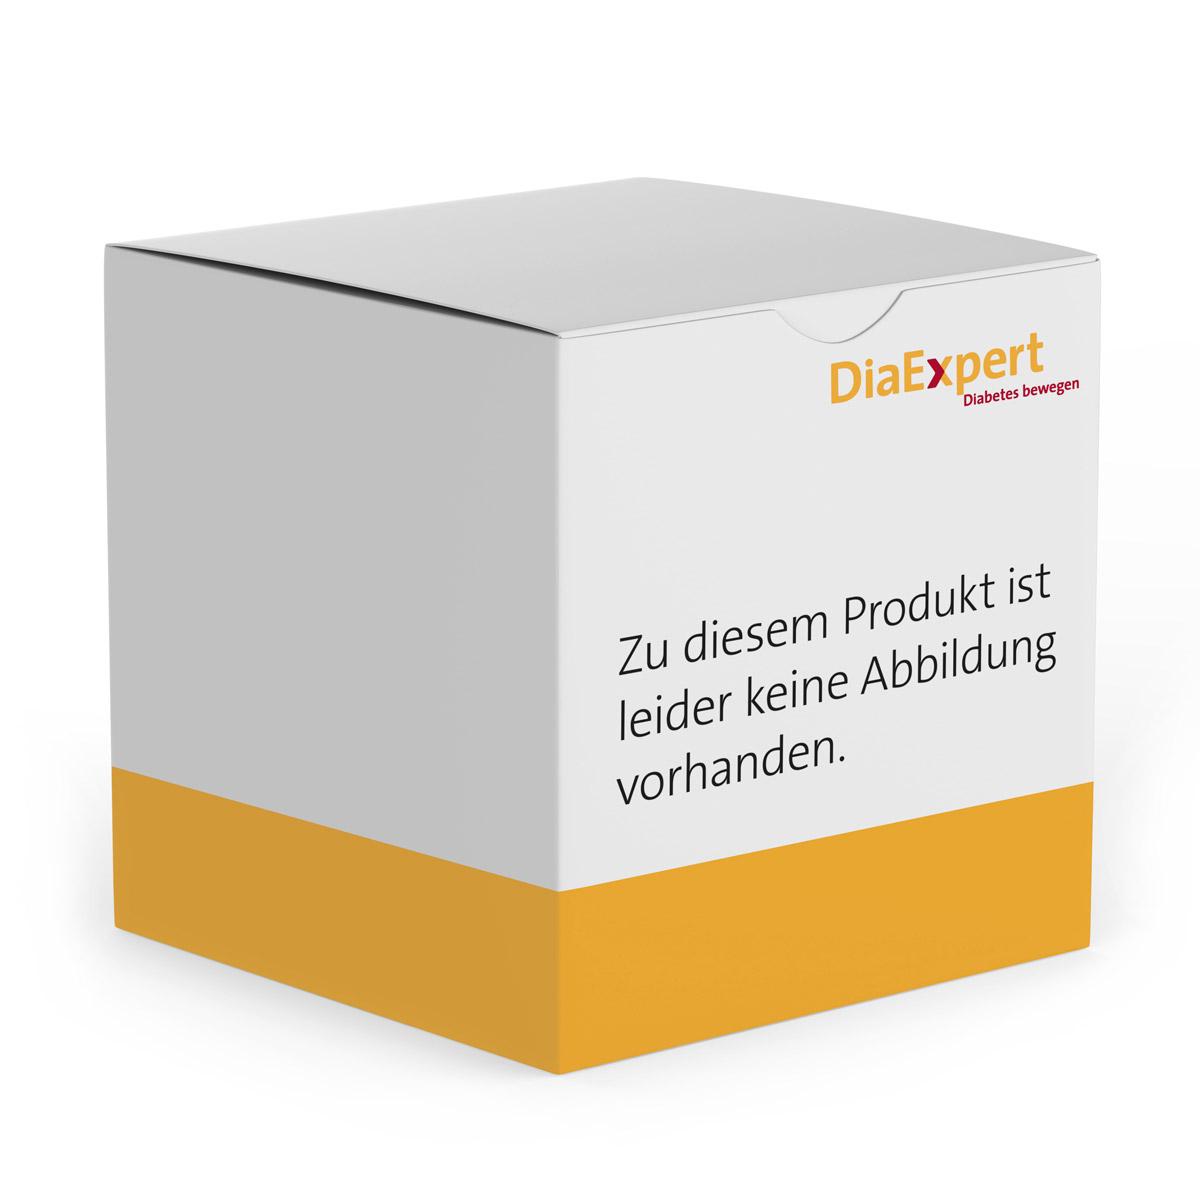 DiaExpert Jahresgrüße